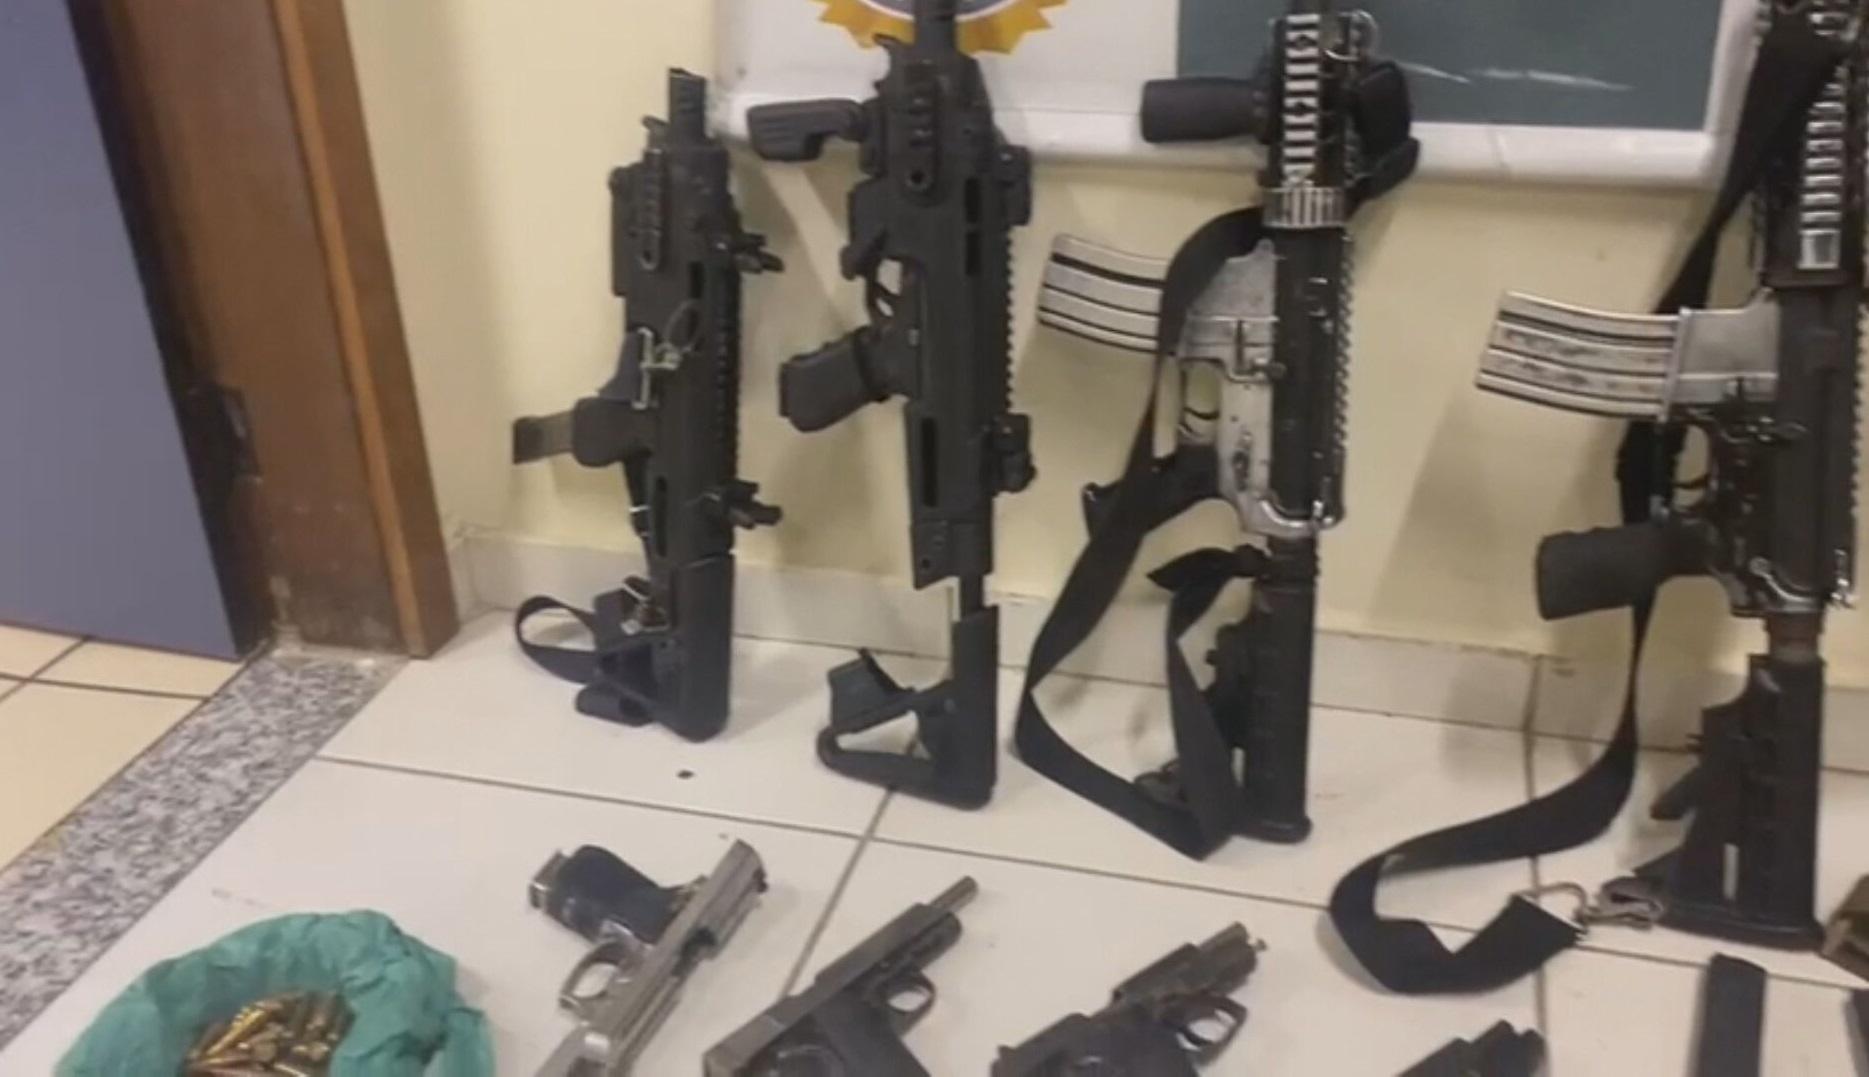 Armas apreendidas pela polícia no Rio